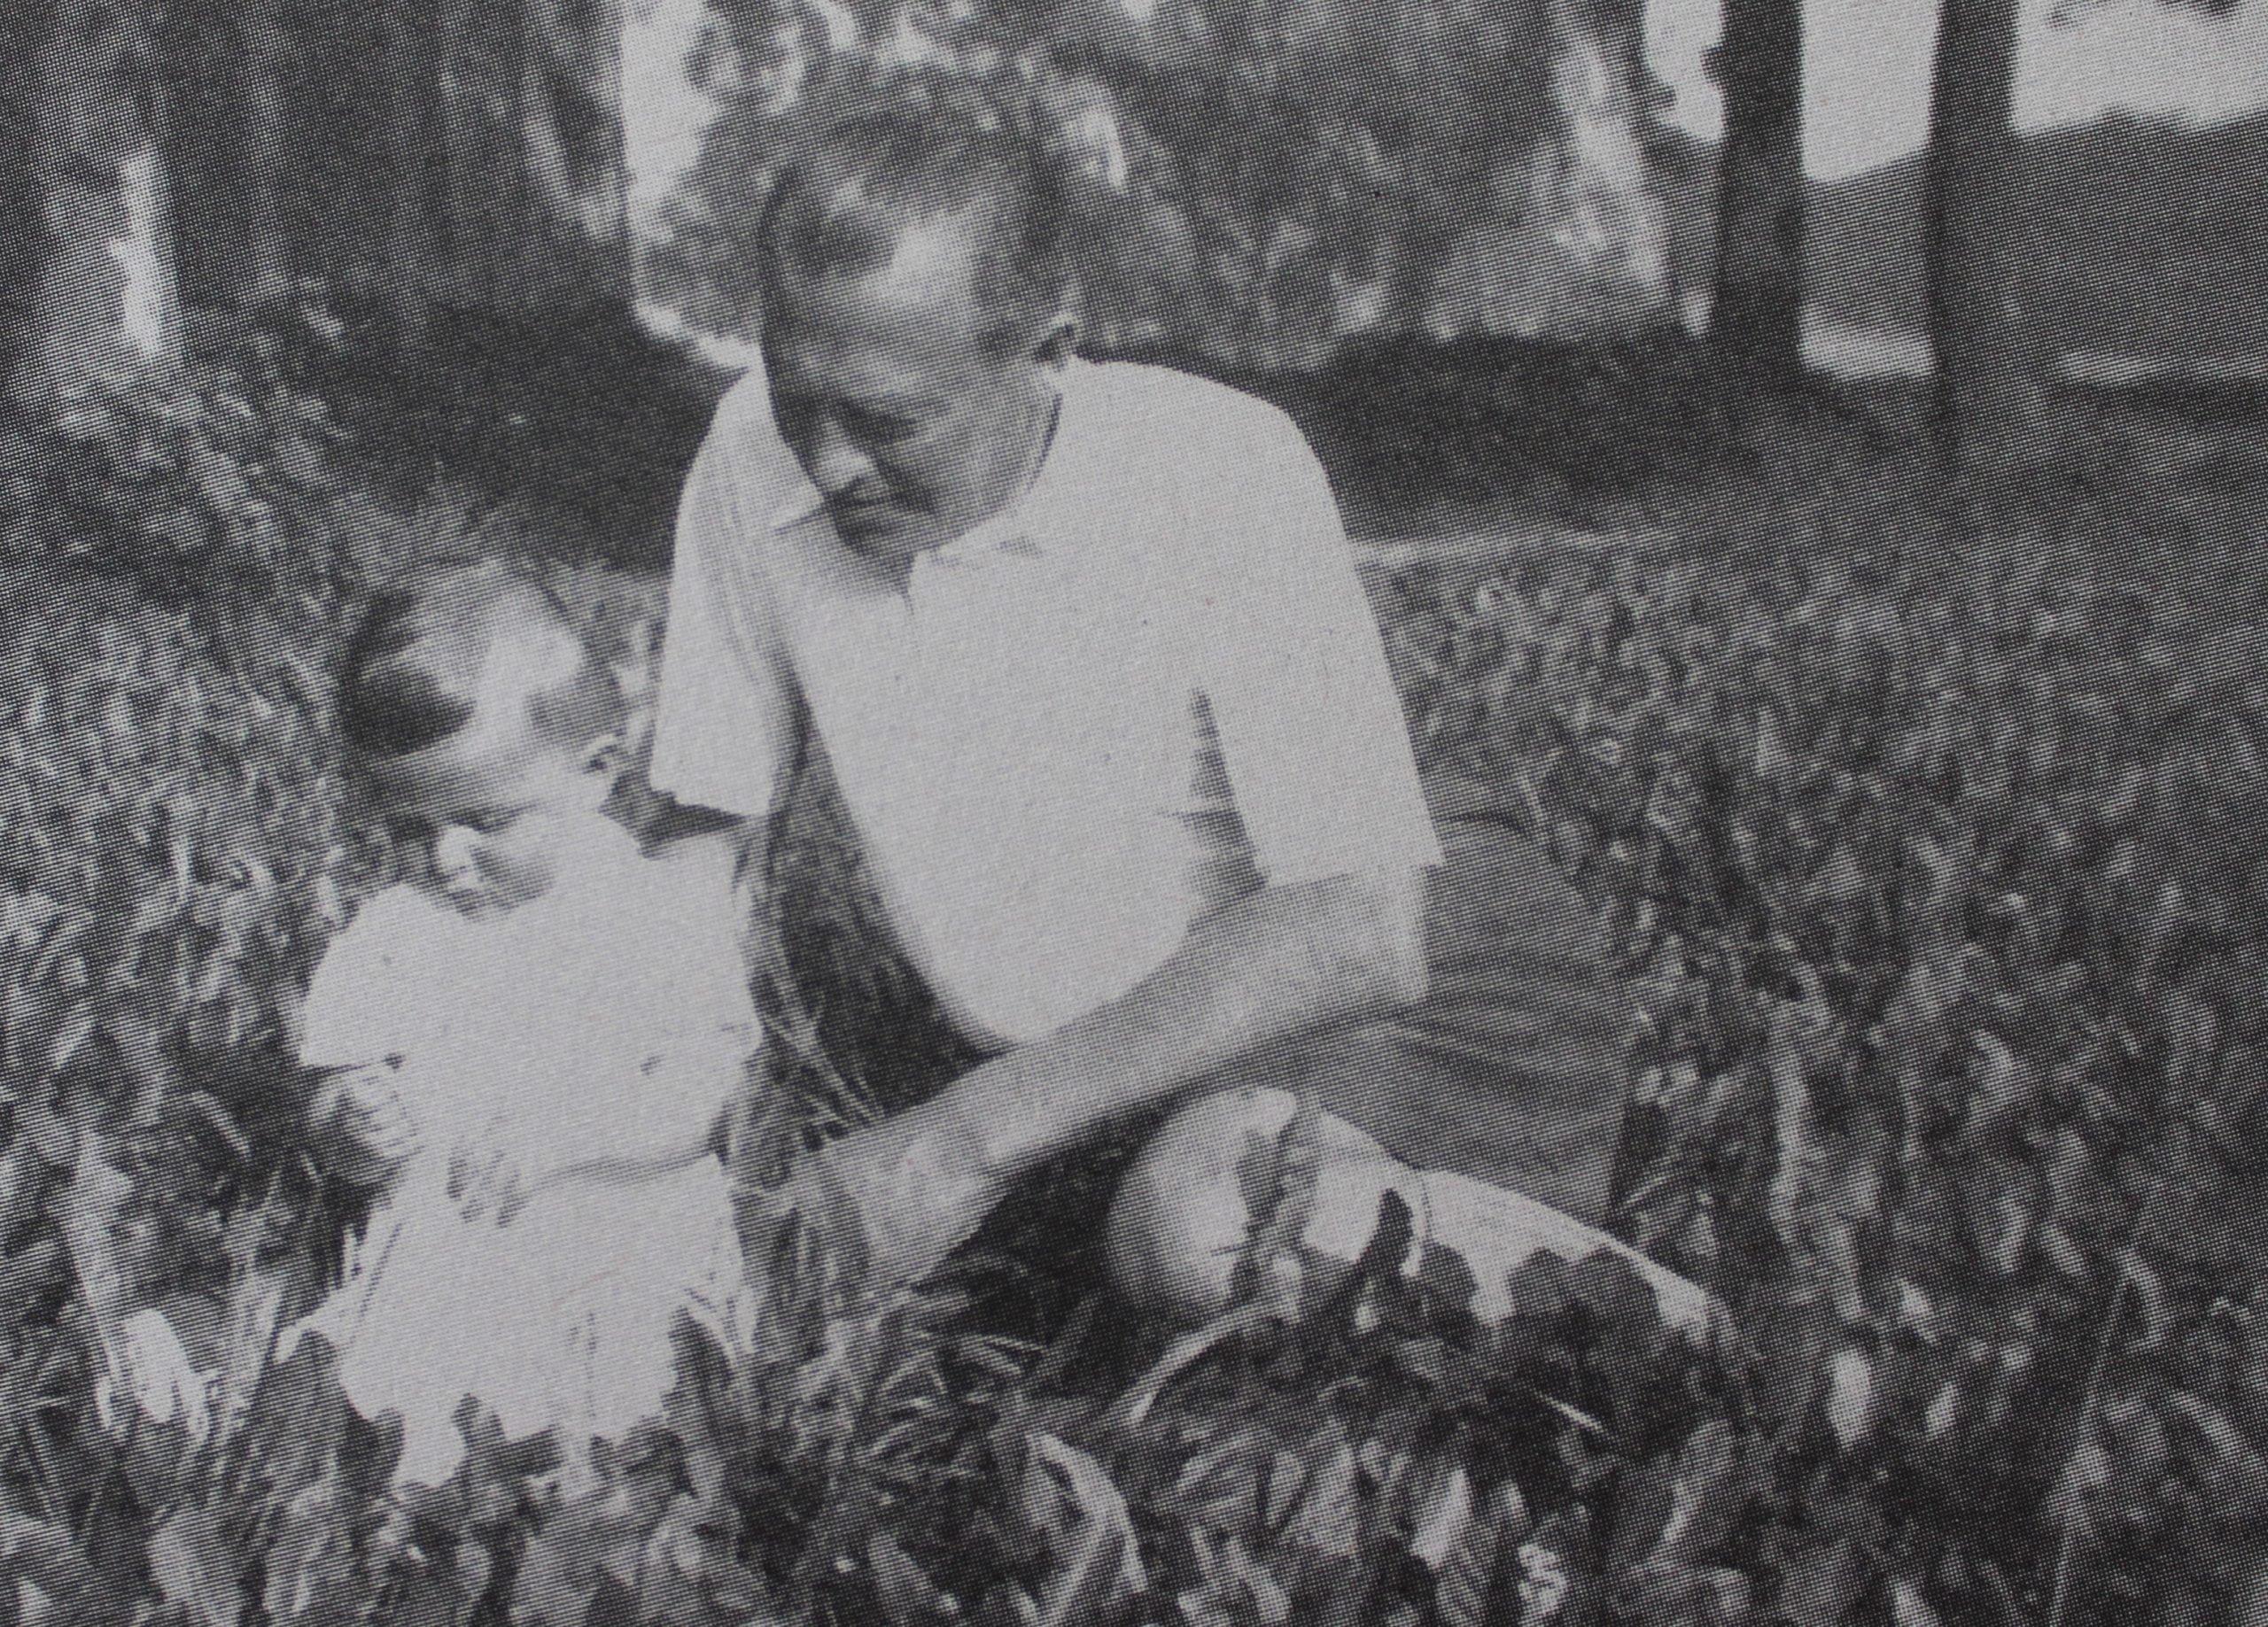 Pavel Taussig ako dieťa zo svojím otcom